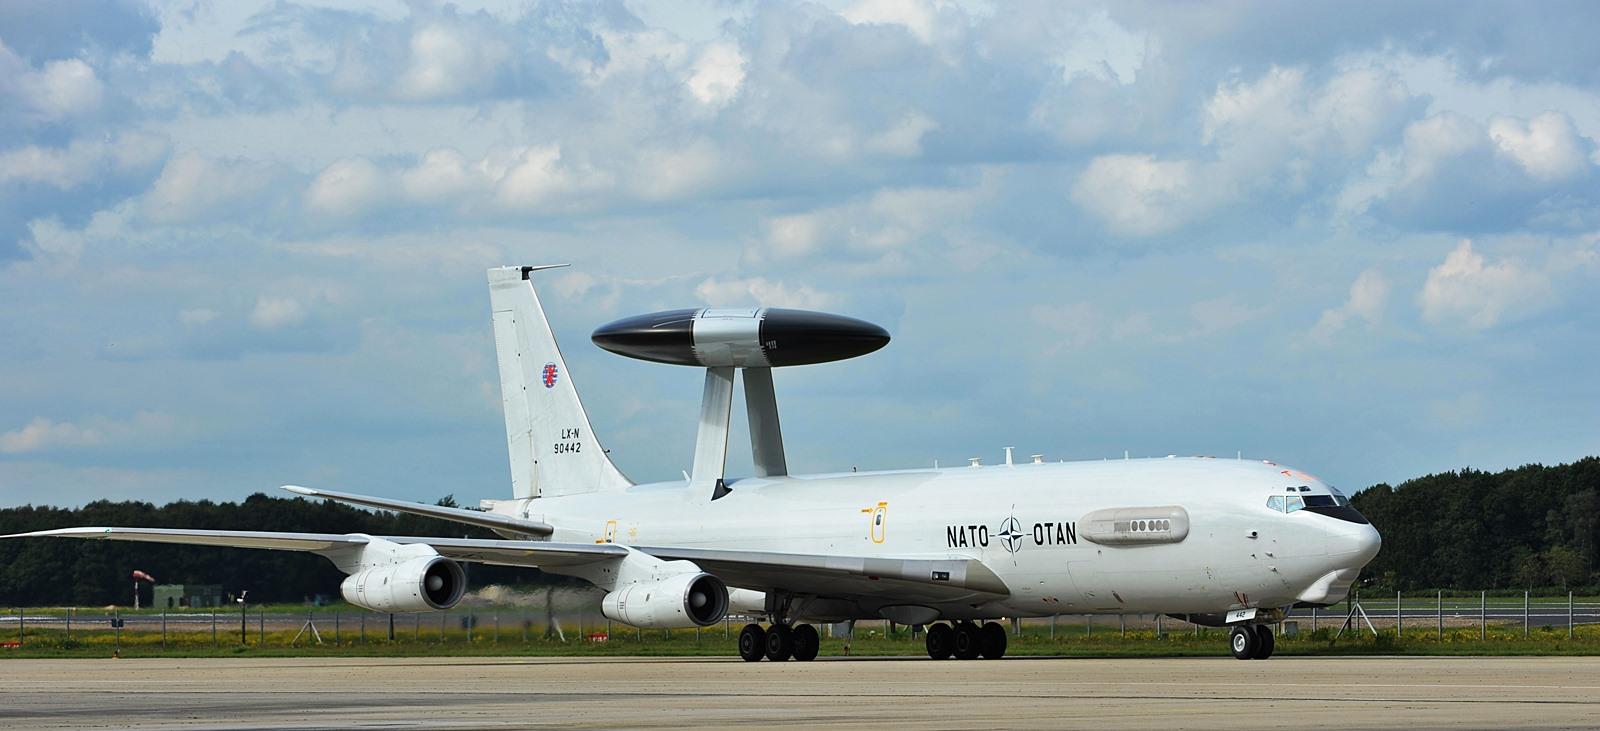 아프칸에서 복귀한 NATO소속 E-3A 조기경보기